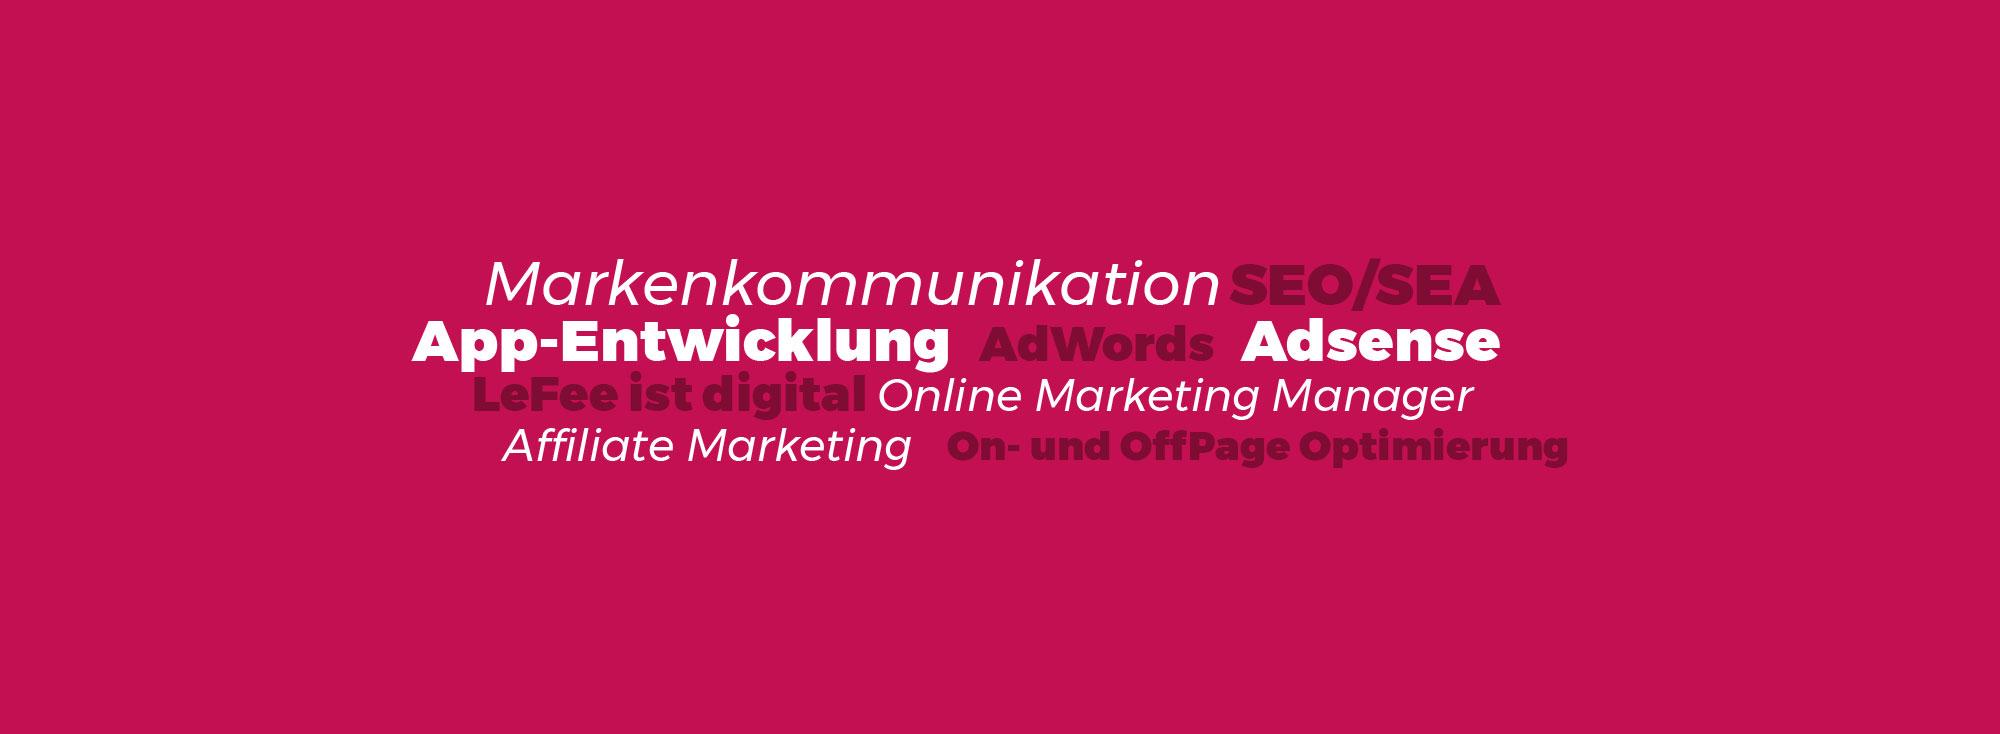 Unsere Kollegin Tatjana Sindt hat ihre digitale Fortbildung zum Online Marketing Manager erfolgreich abgeschlossen und unterstützt ab sofort alle digitalen Projekte (Apps, Websites, Social media und vieles mehr).